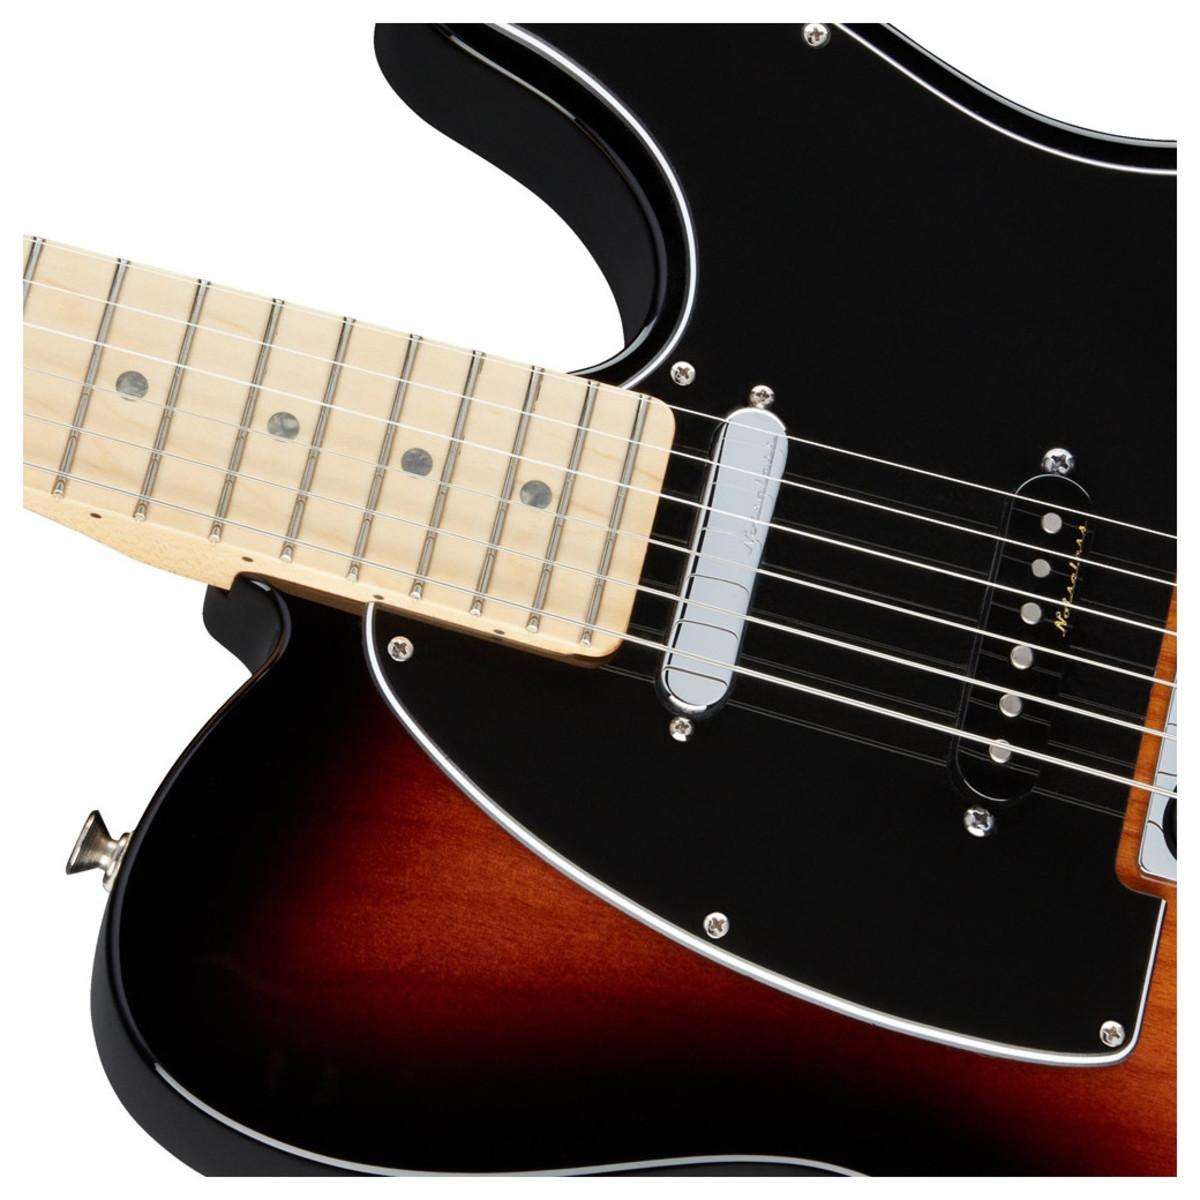 fender deluxe nashville telecaster electric guitar 2 tone sunburst box opened at. Black Bedroom Furniture Sets. Home Design Ideas